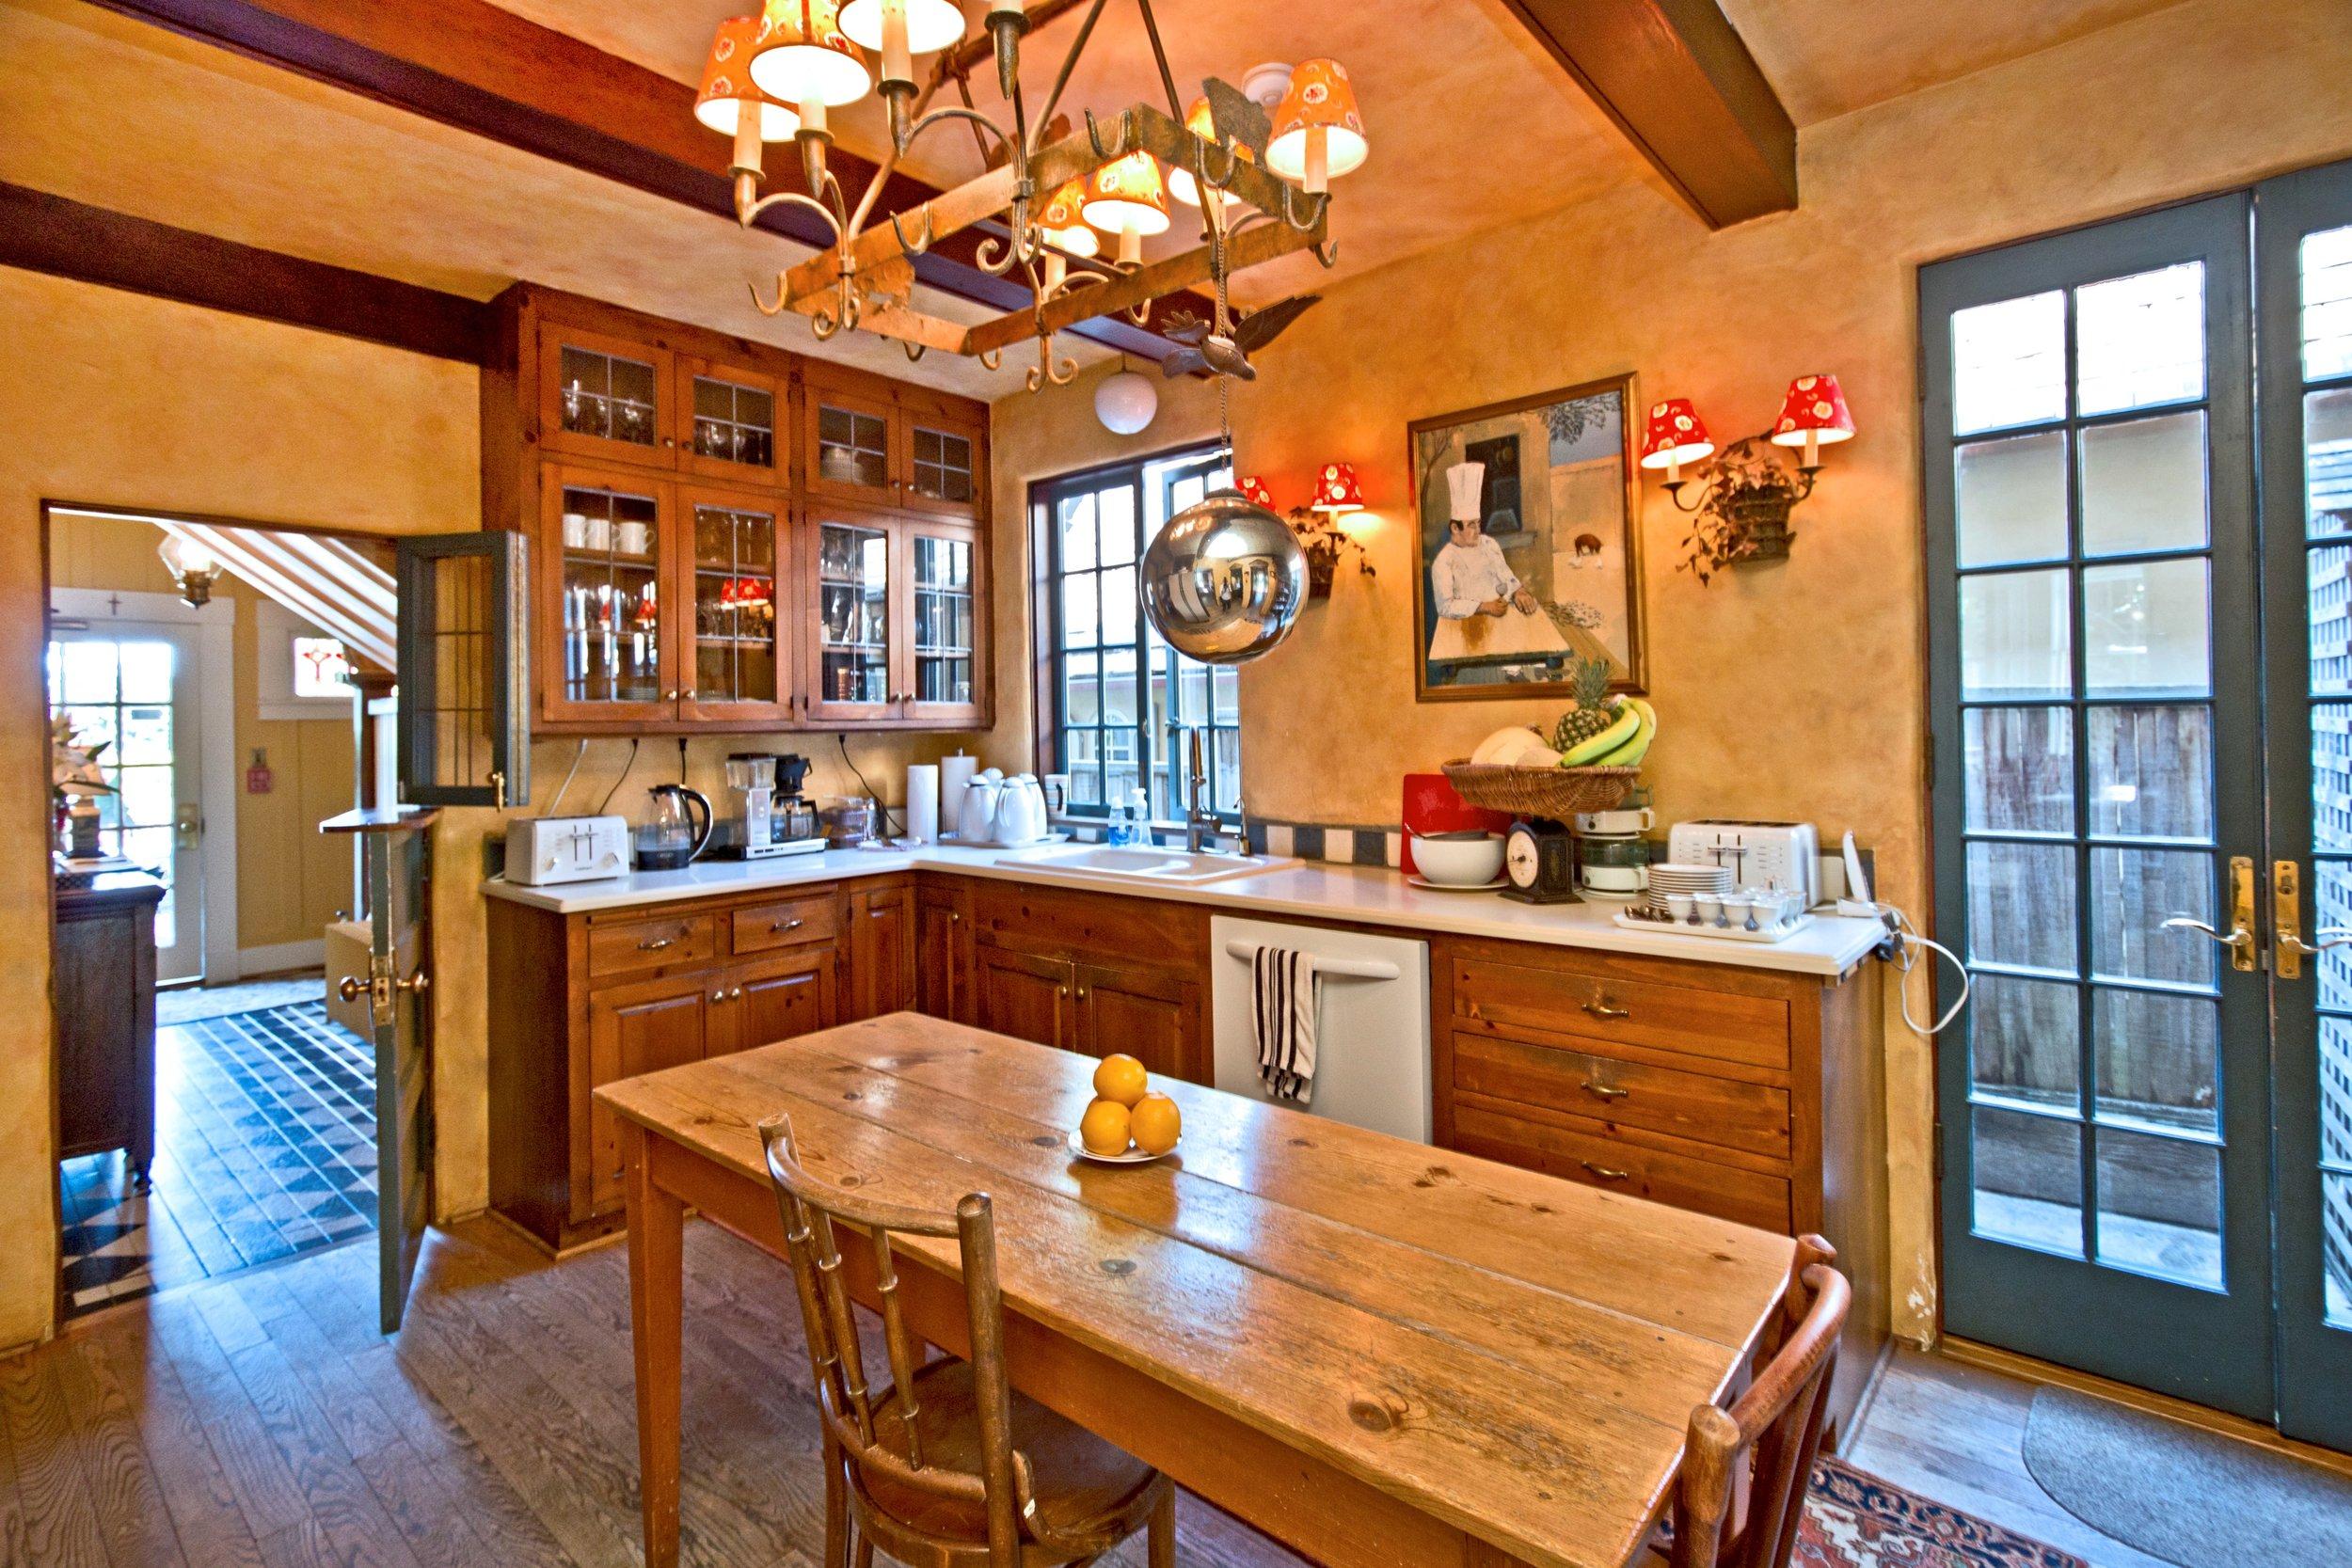 Sea View Inn US Open Kitchen.jpg